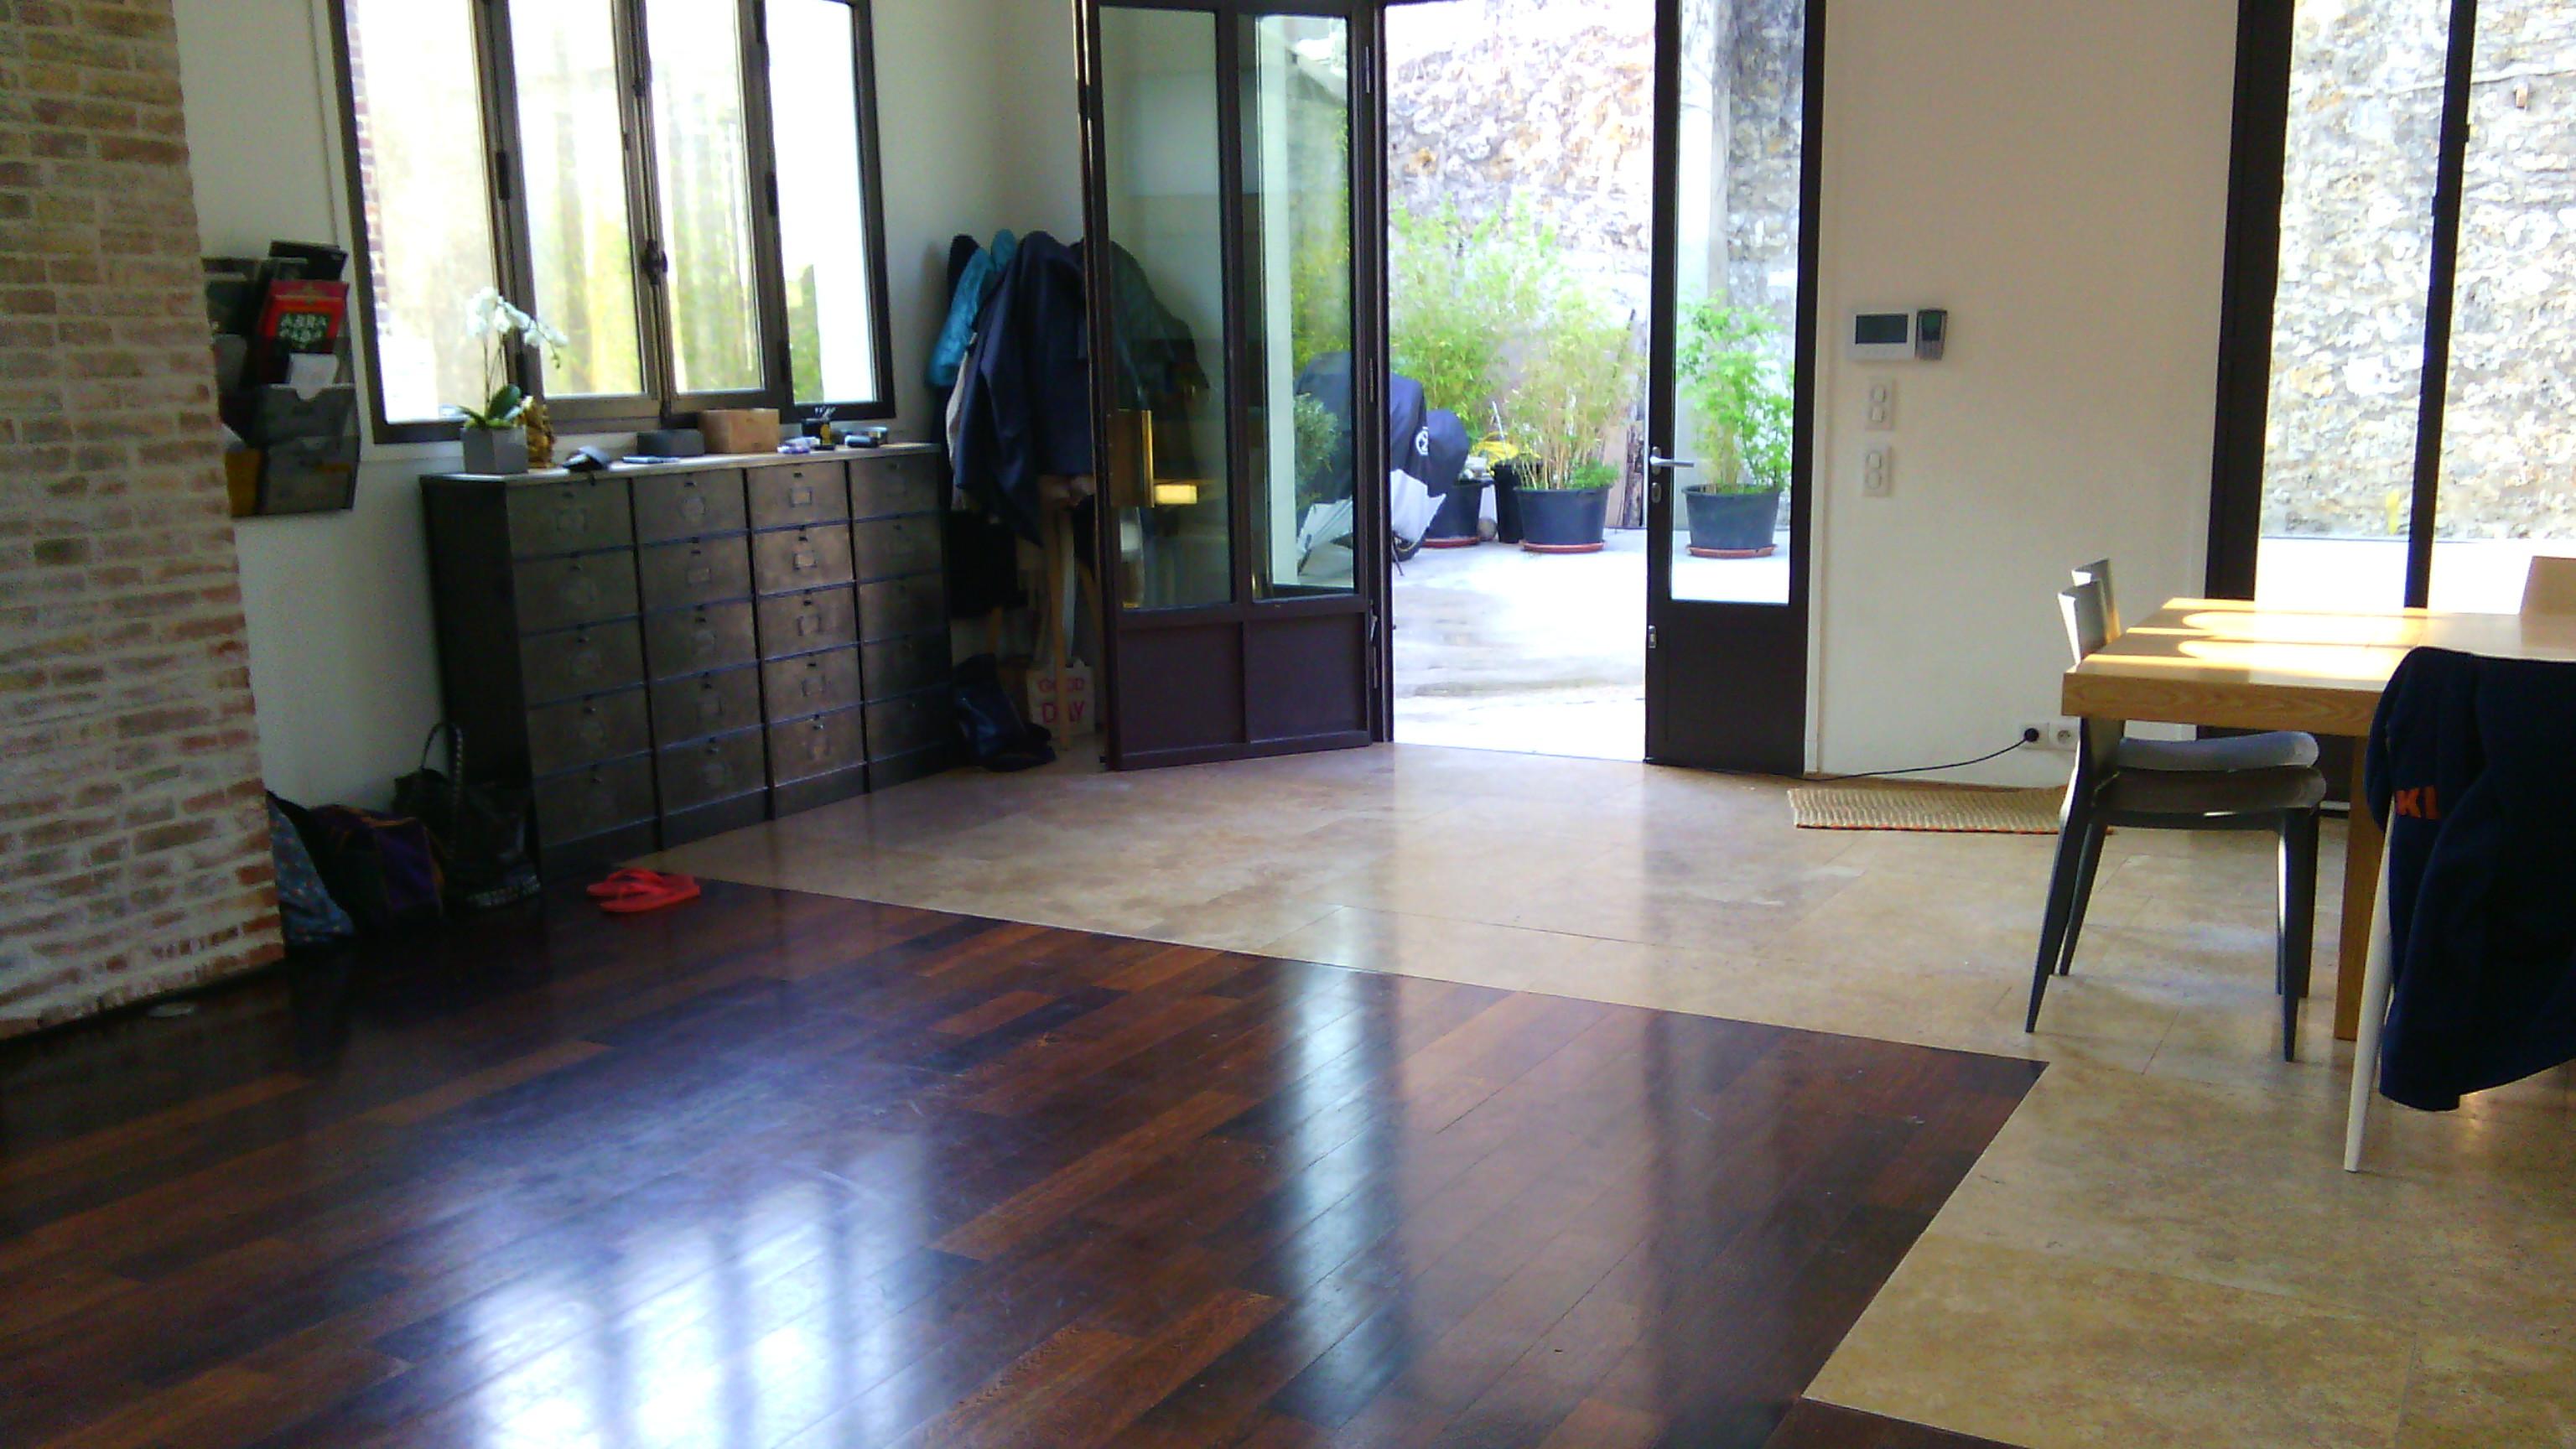 meuble mobilier industriel chaussures papier tele steel loft paris steel loft paris. Black Bedroom Furniture Sets. Home Design Ideas